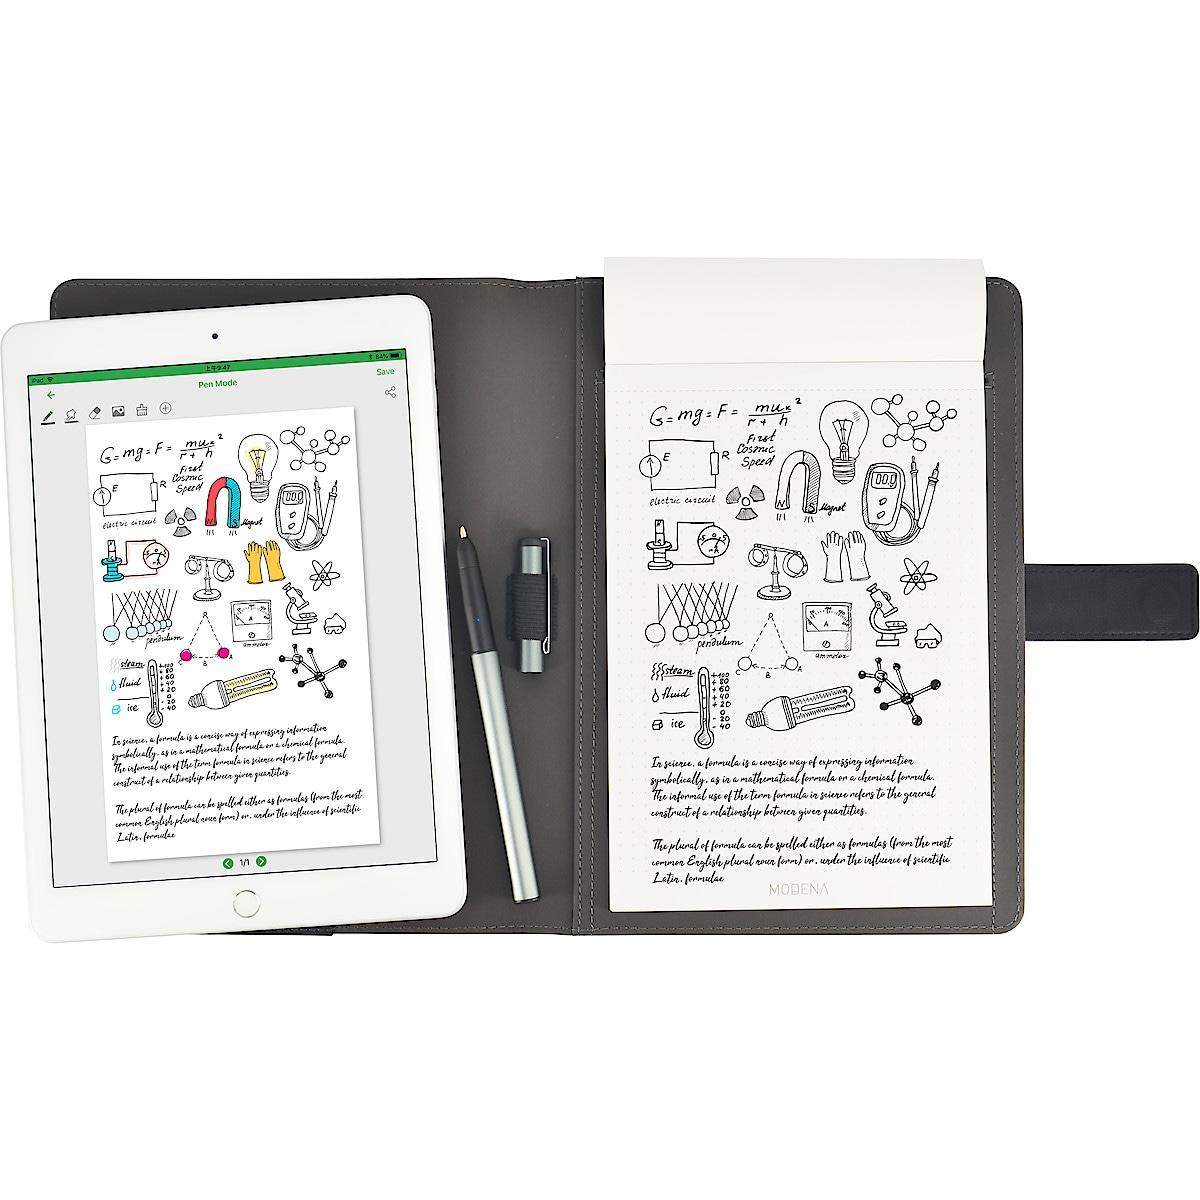 Modena Digital Smart Ink Pen, kulepenn